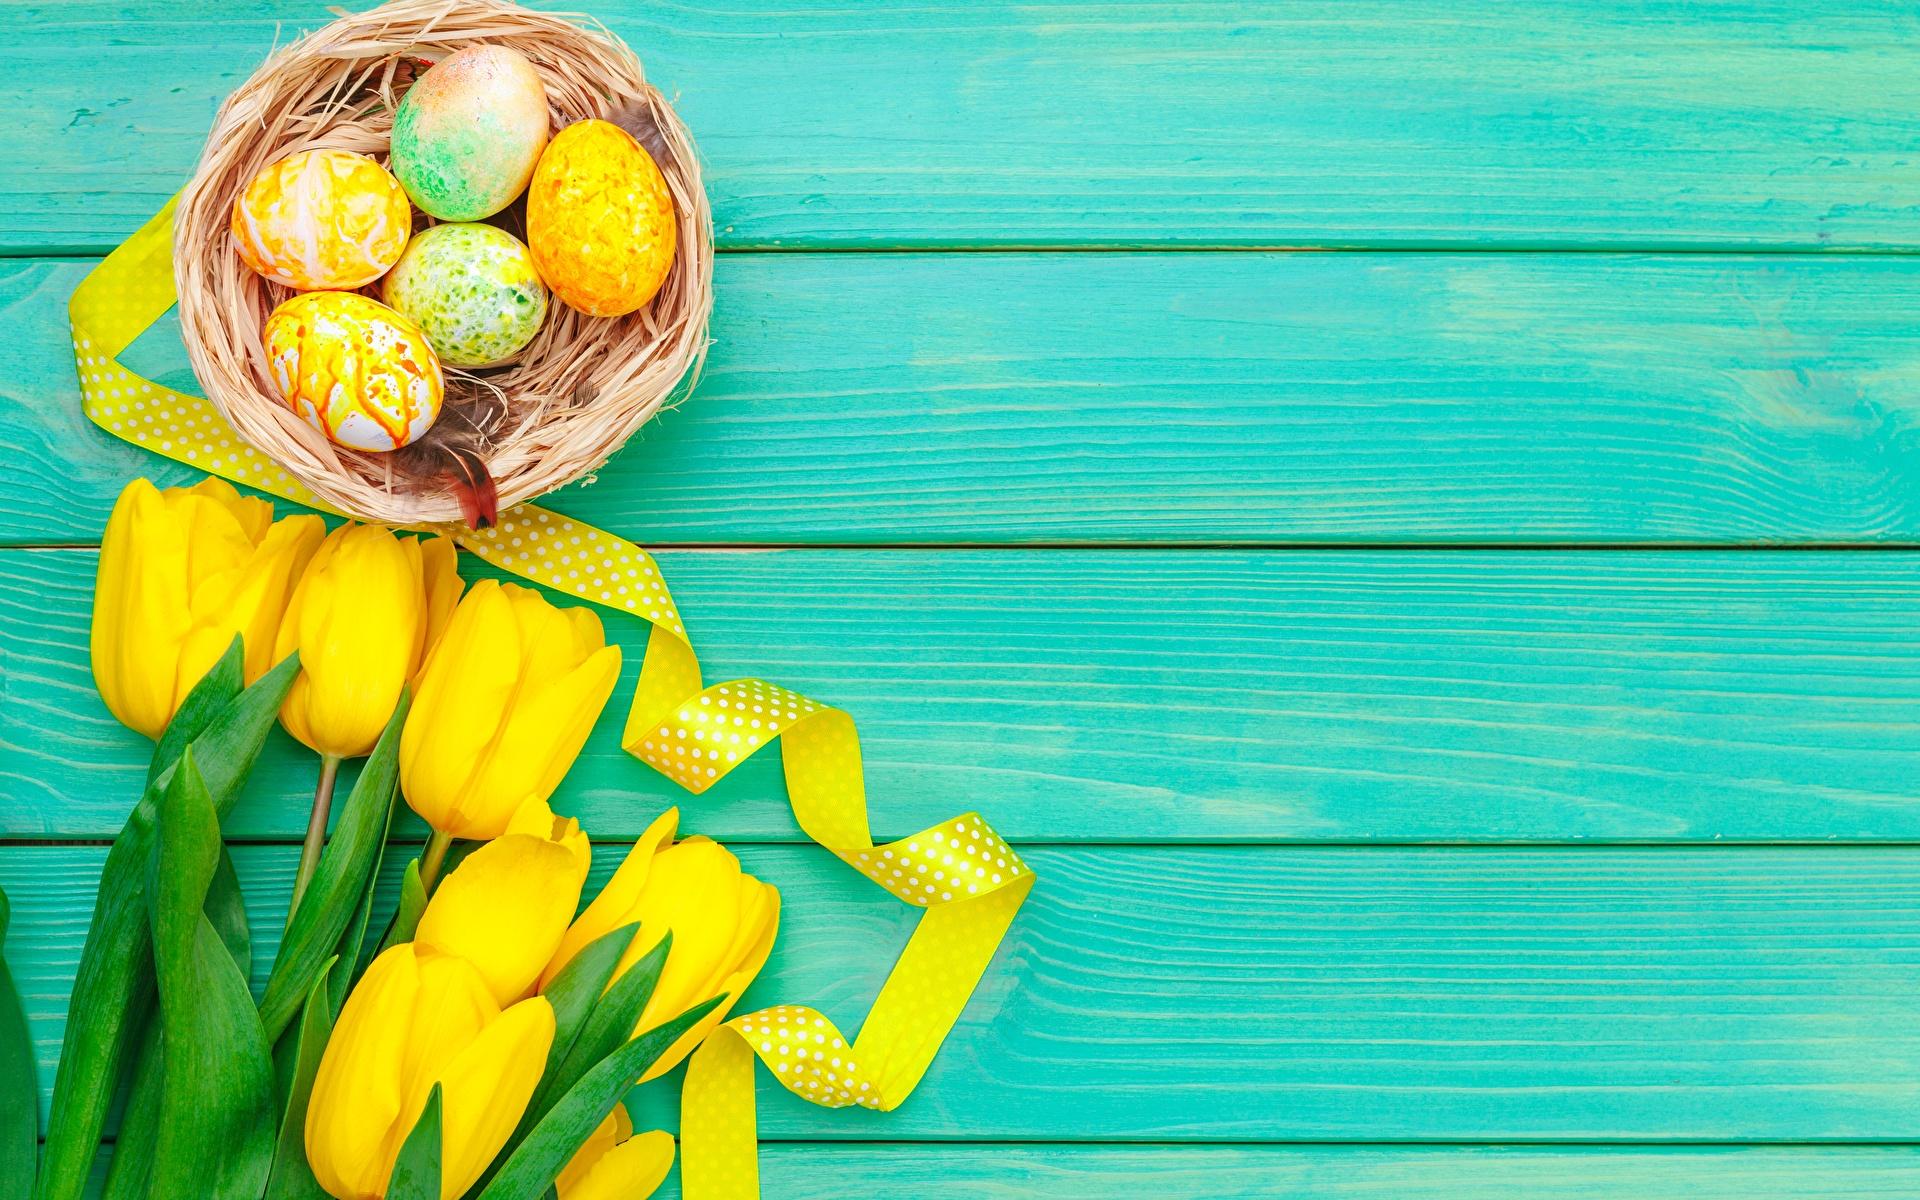 Фотографии Пасха Яйца желтые Гнездо Тюльпаны цветок Шаблон поздравительной открытки Доски 1920x1200 яиц яйцо яйцами гнезда гнезде желтая Желтый желтых тюльпан Цветы